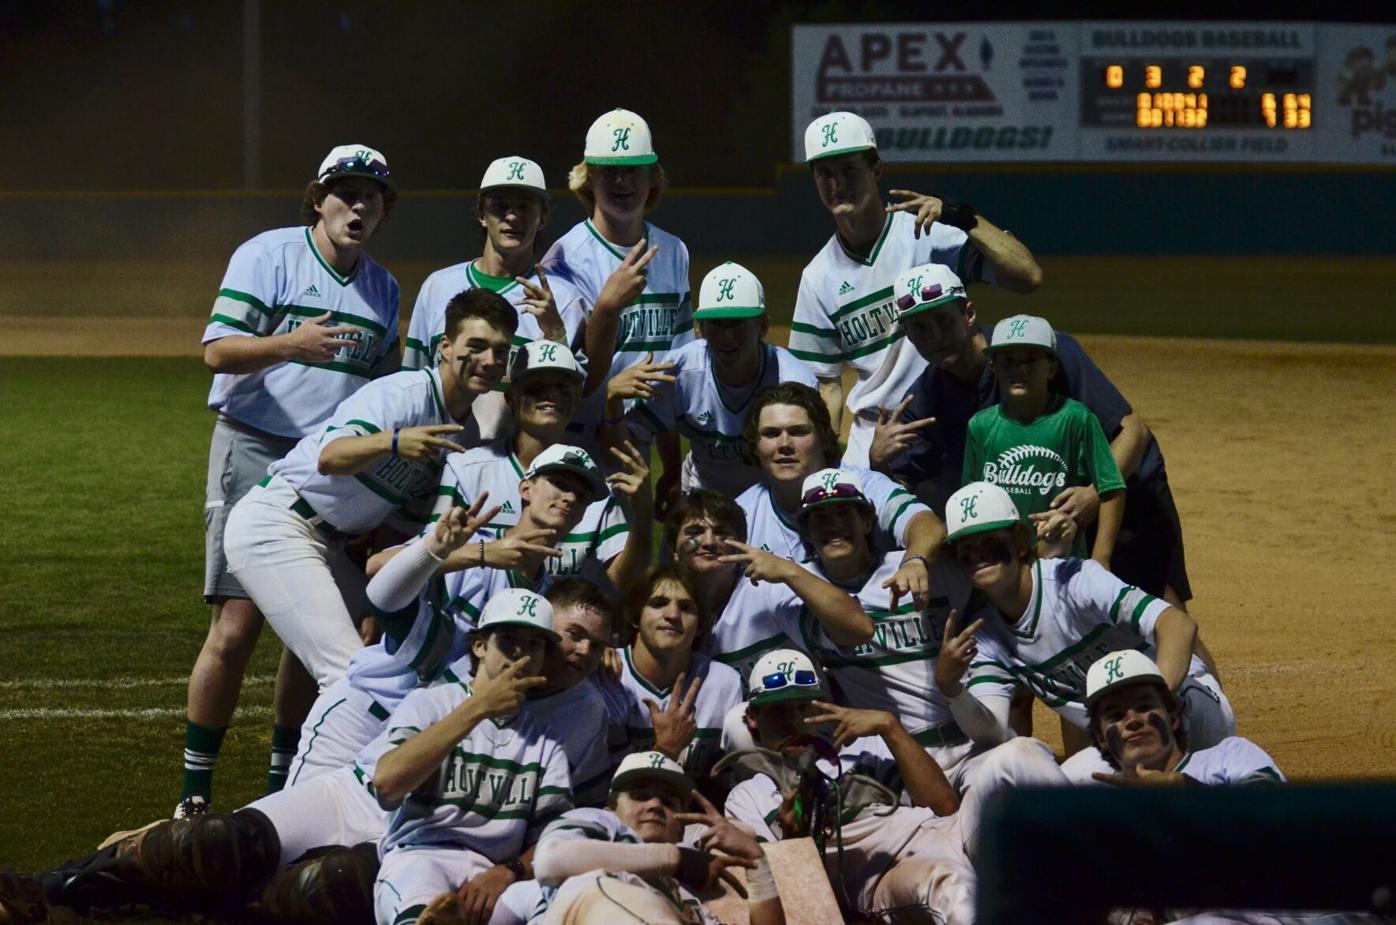 Holtville Sylacauga playoff baseball